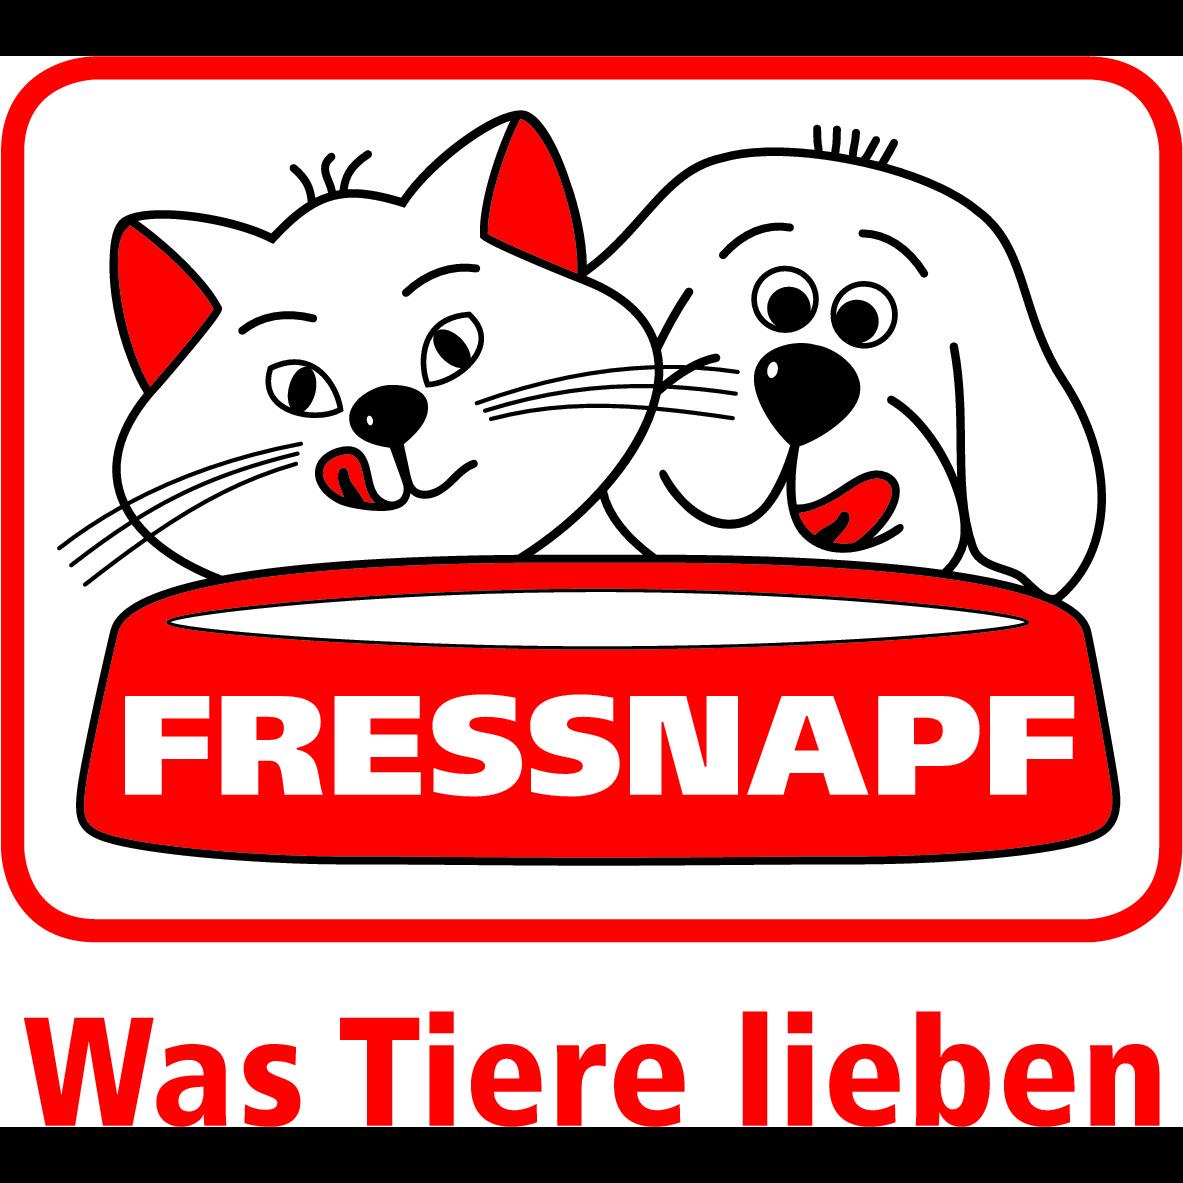 Fressnapf Böblingen Logo